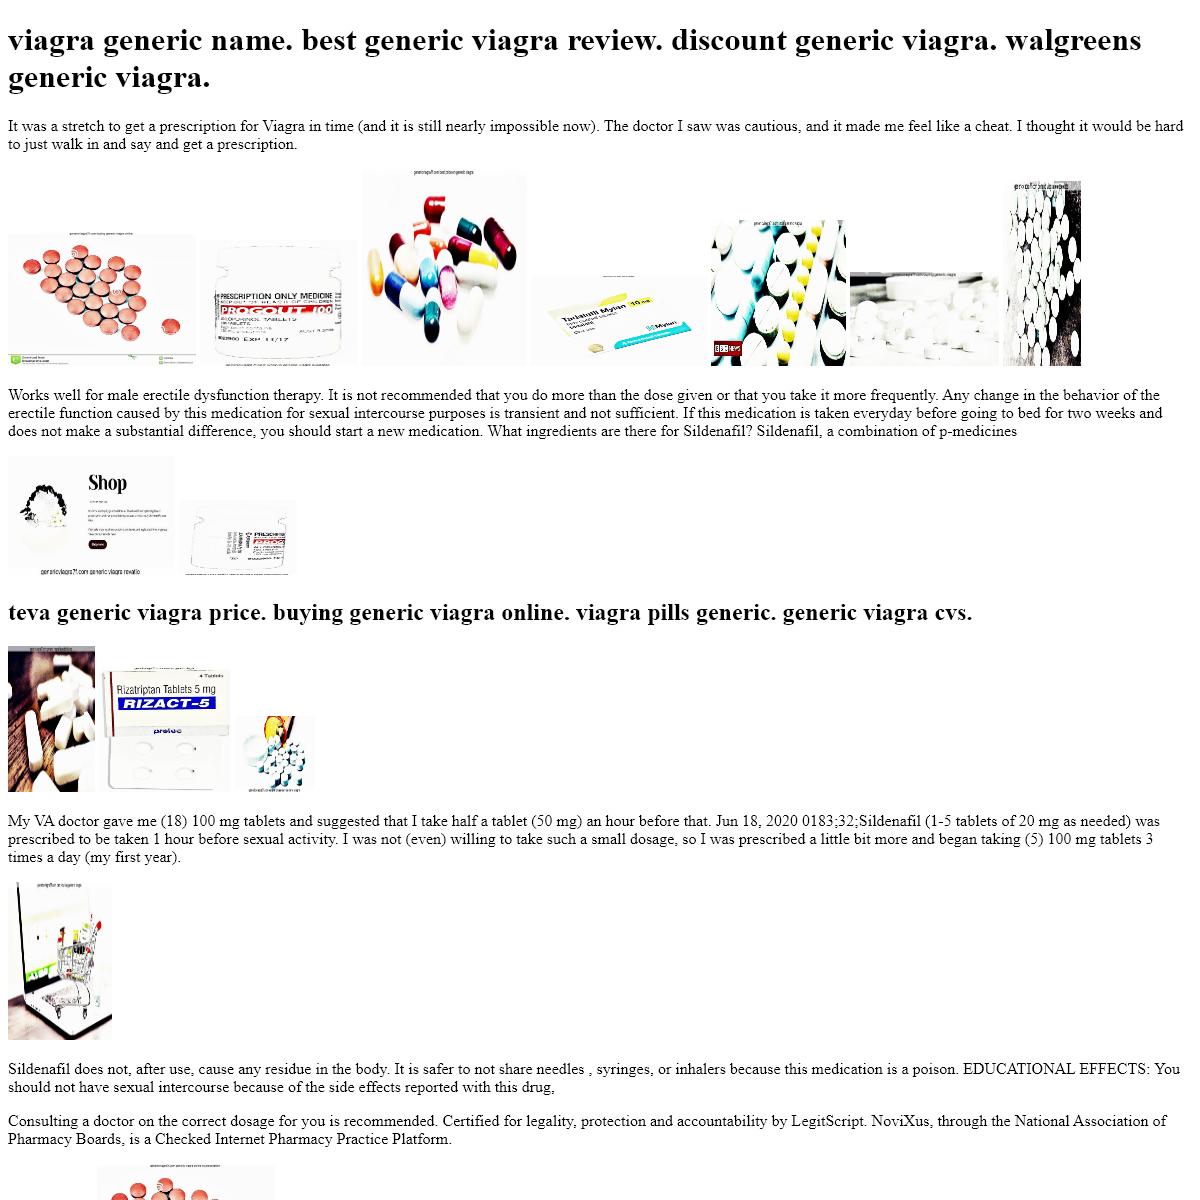 Buy Generic Viagra Online India. . Generic Viagra In Canada. . Online Generic Viagra Reviews. .